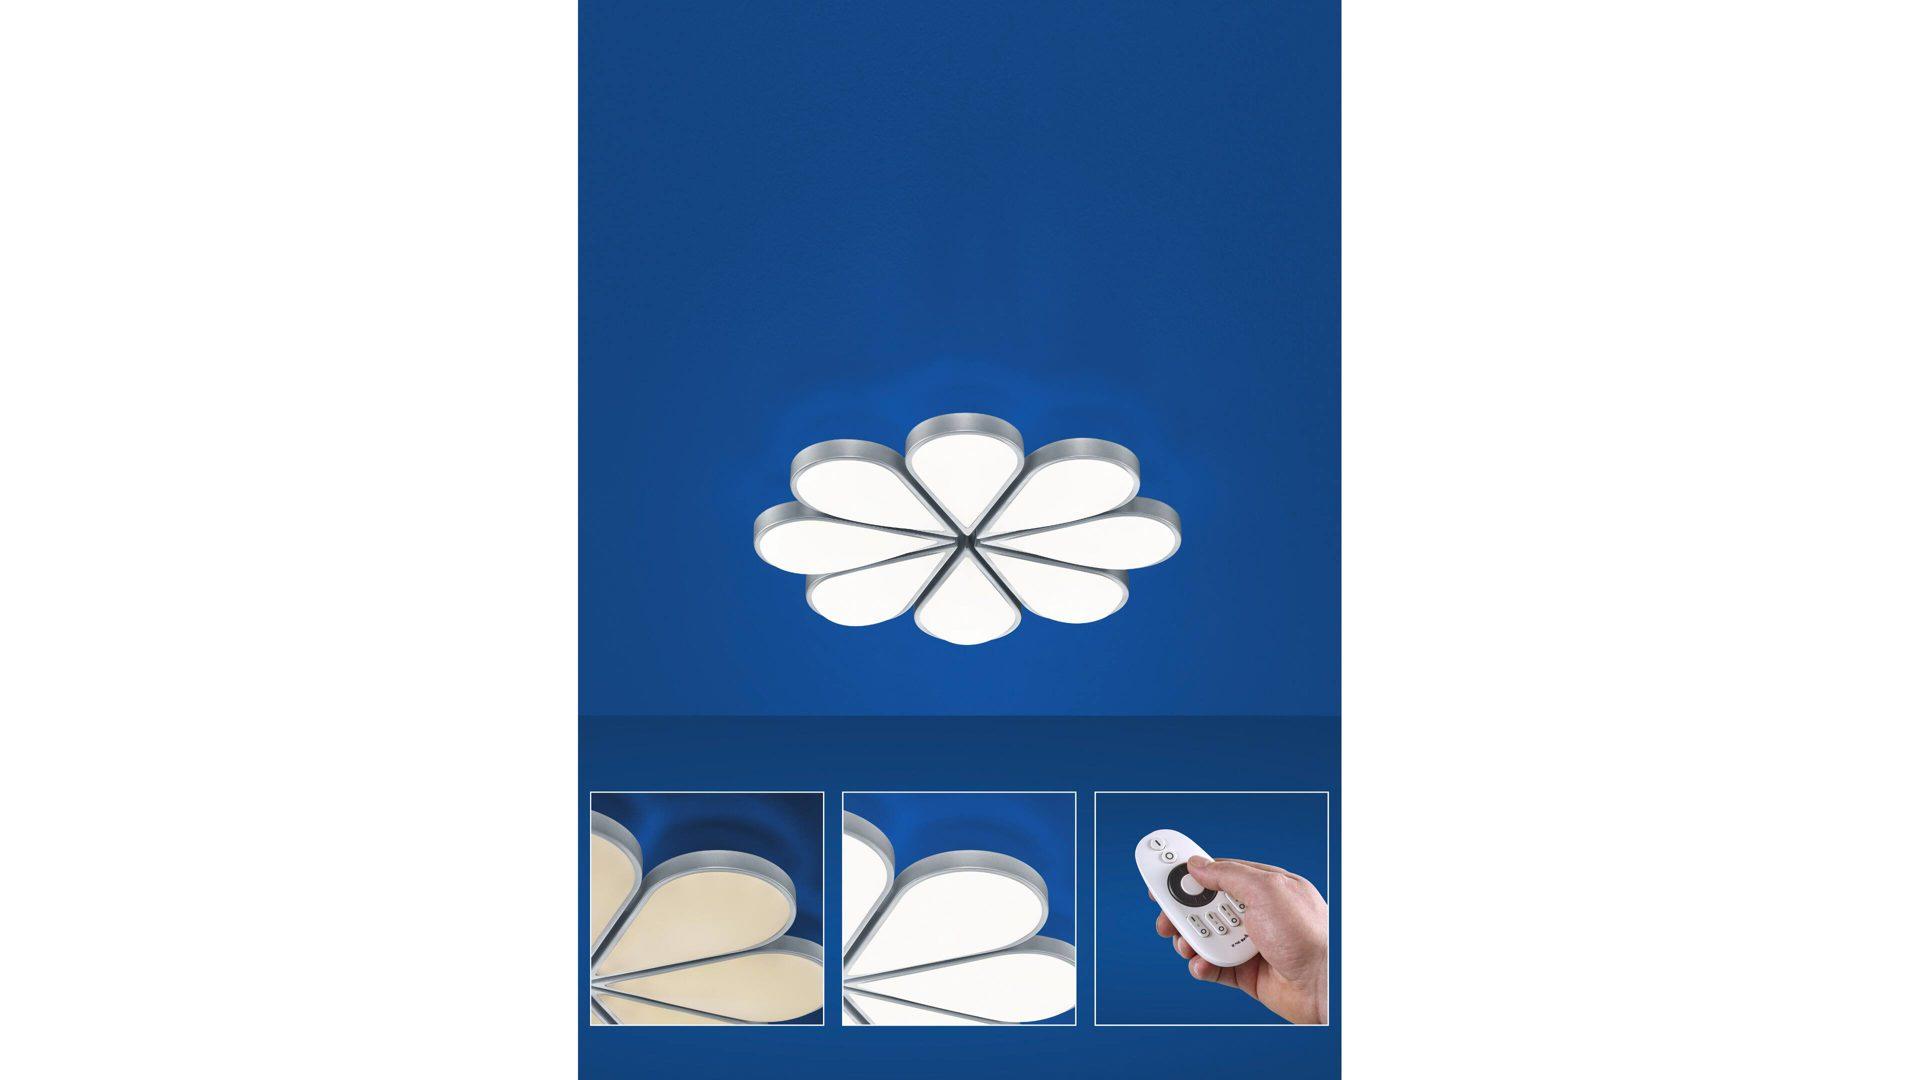 B LEUCHTEN LED Deckenleuchte Flower, Nickel Matt U2013 Durchmesser Ca. 61 Cm,  Bad Homburg Bei Frankfurt